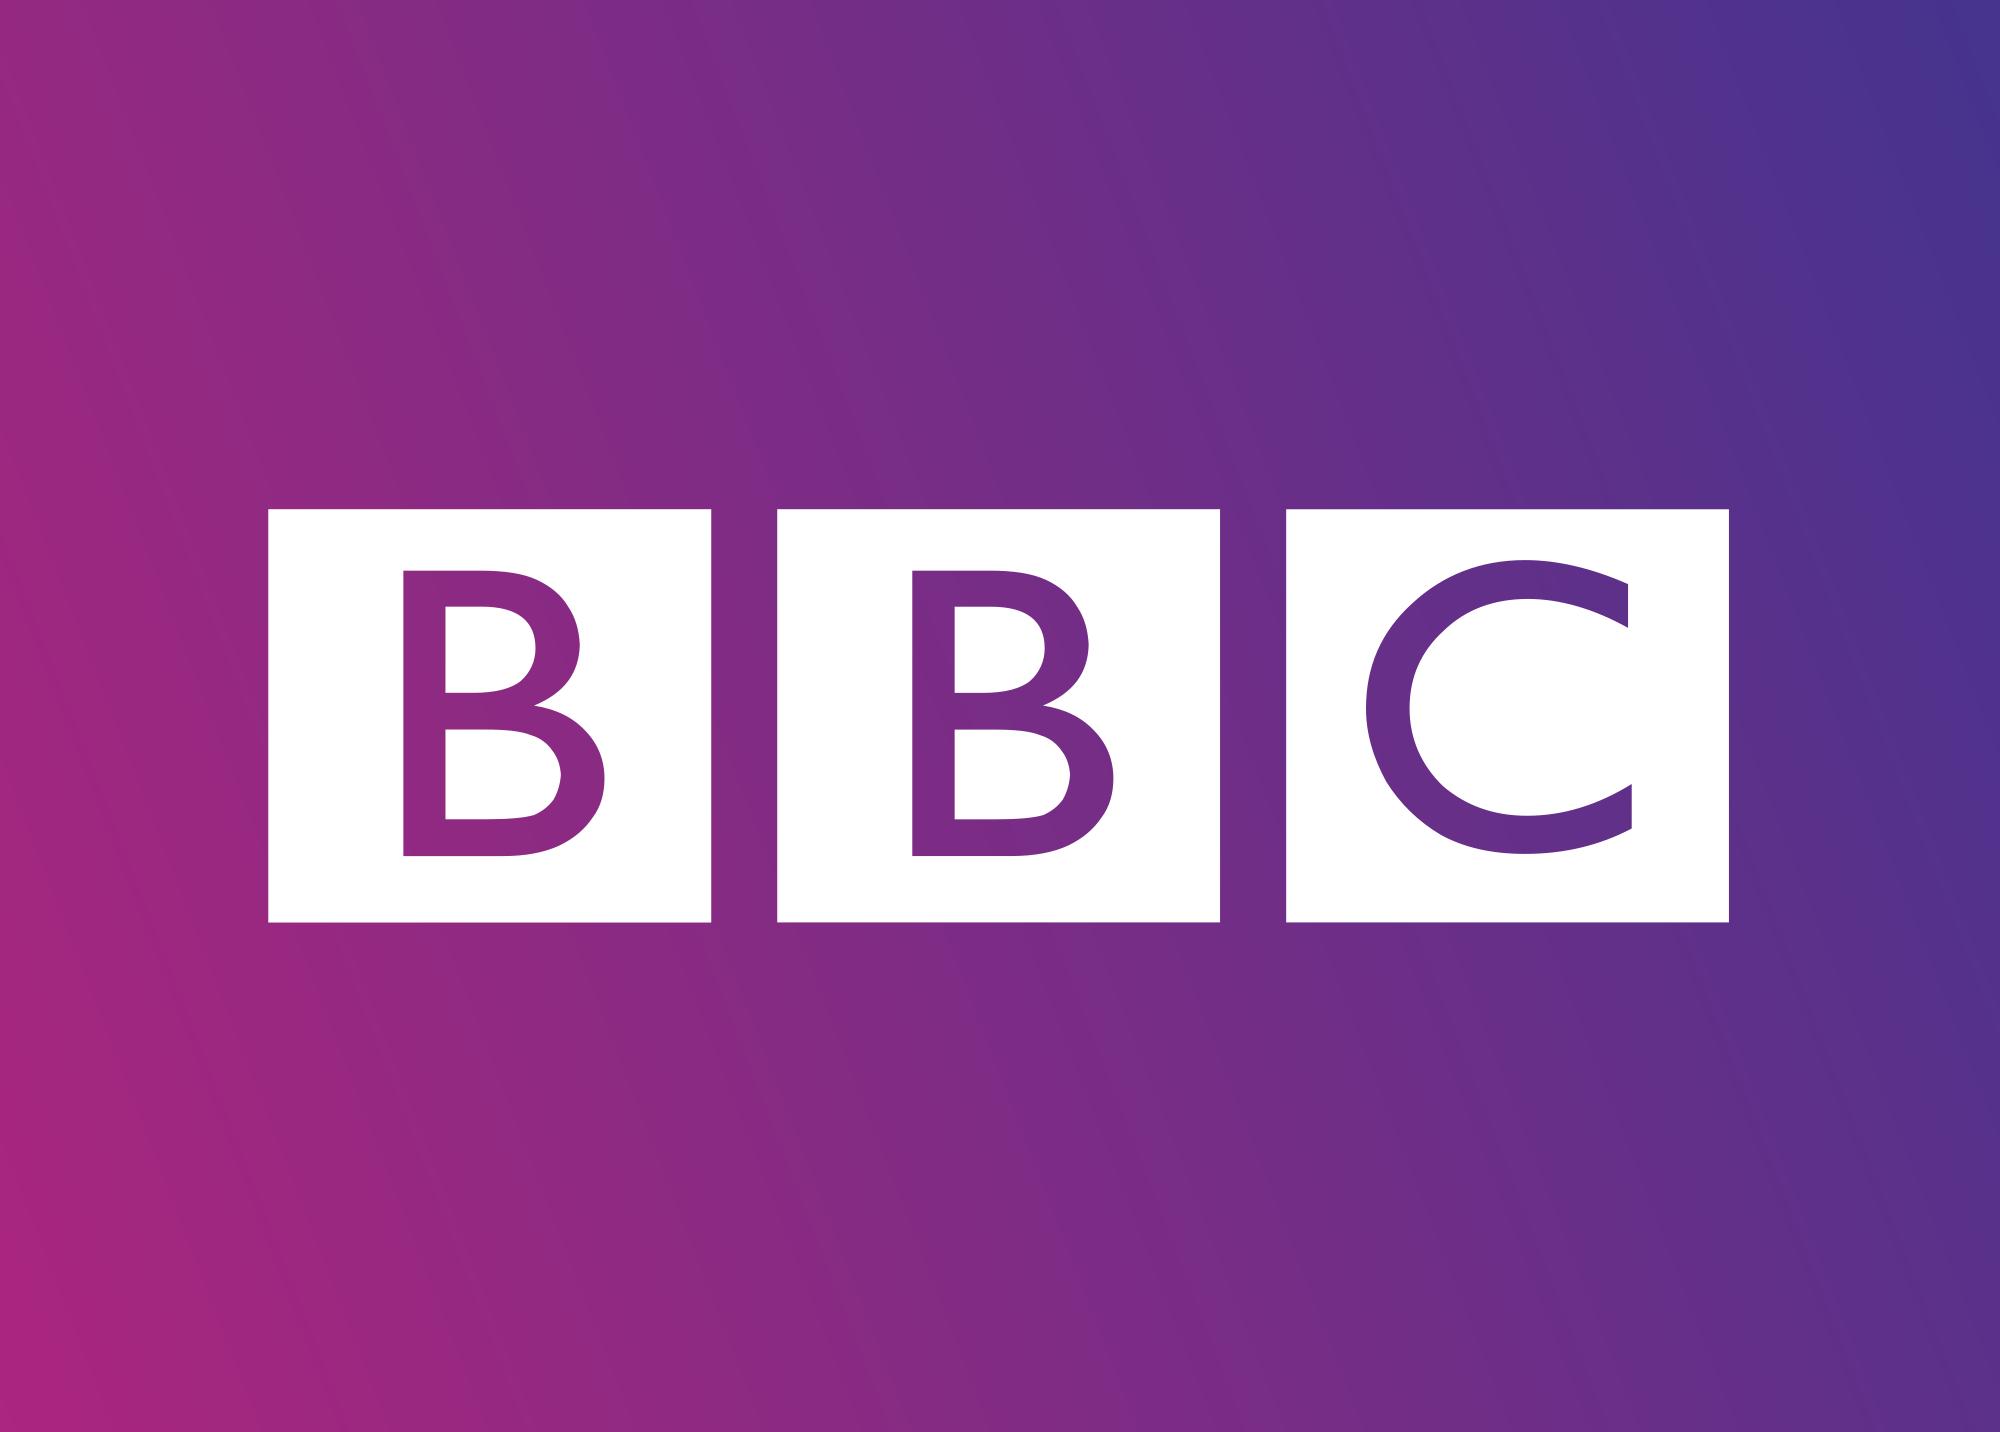 BBCイギリス国営放送ロゴ